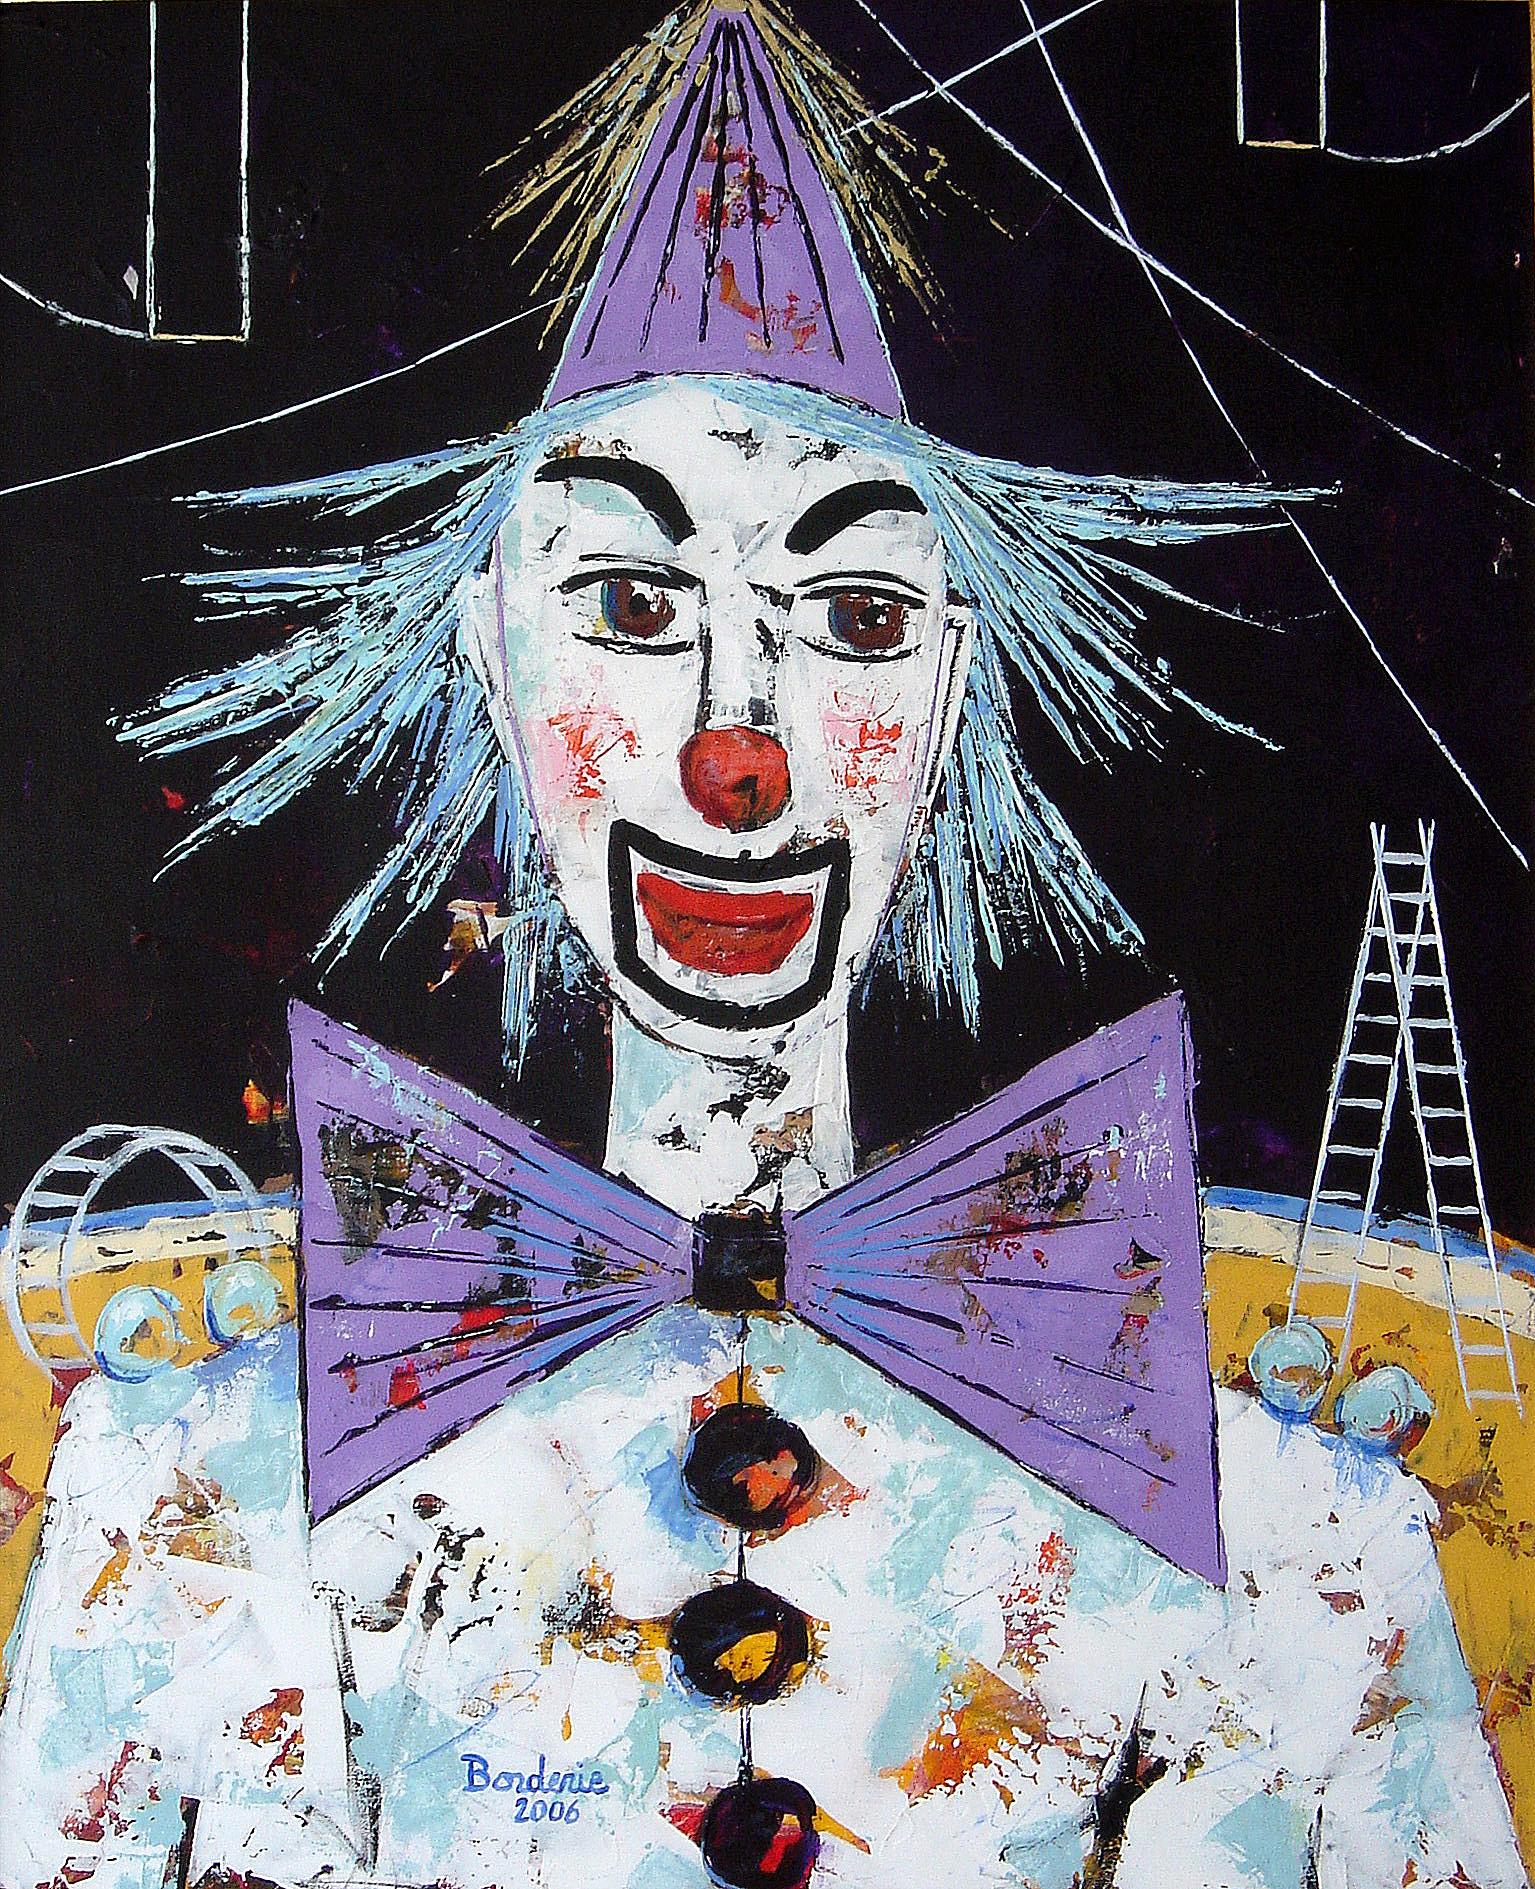 Le clown blanc.